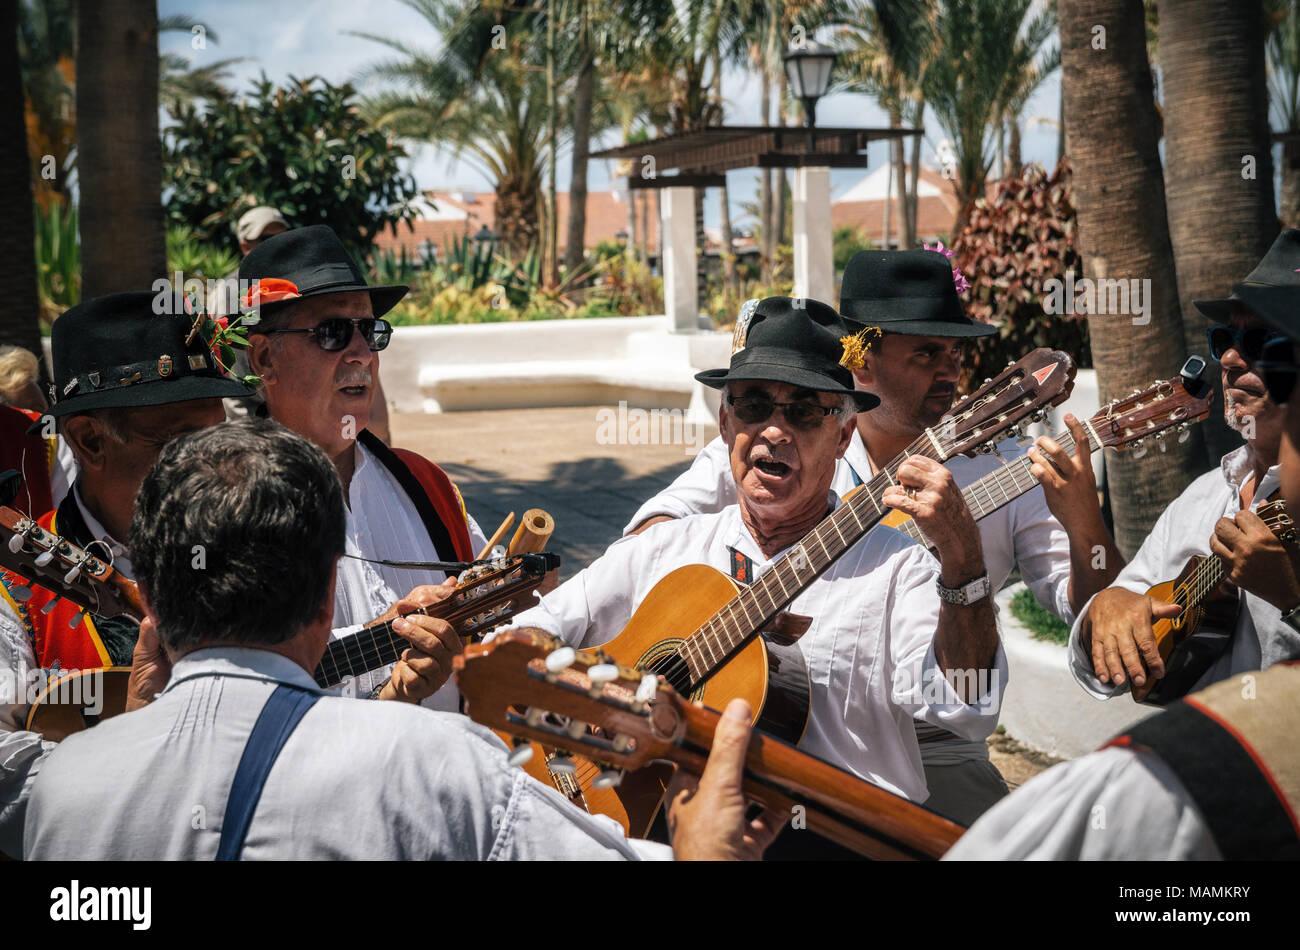 Puerto de la Cruz, Teneriffa, Kanarische Inseln - 30. Mai 2017: Kanaren Menschen in traditionellen Kleidern bekleidet Spaziergang entlang der Straße, Zeichen und Gitarre spielen Stockbild